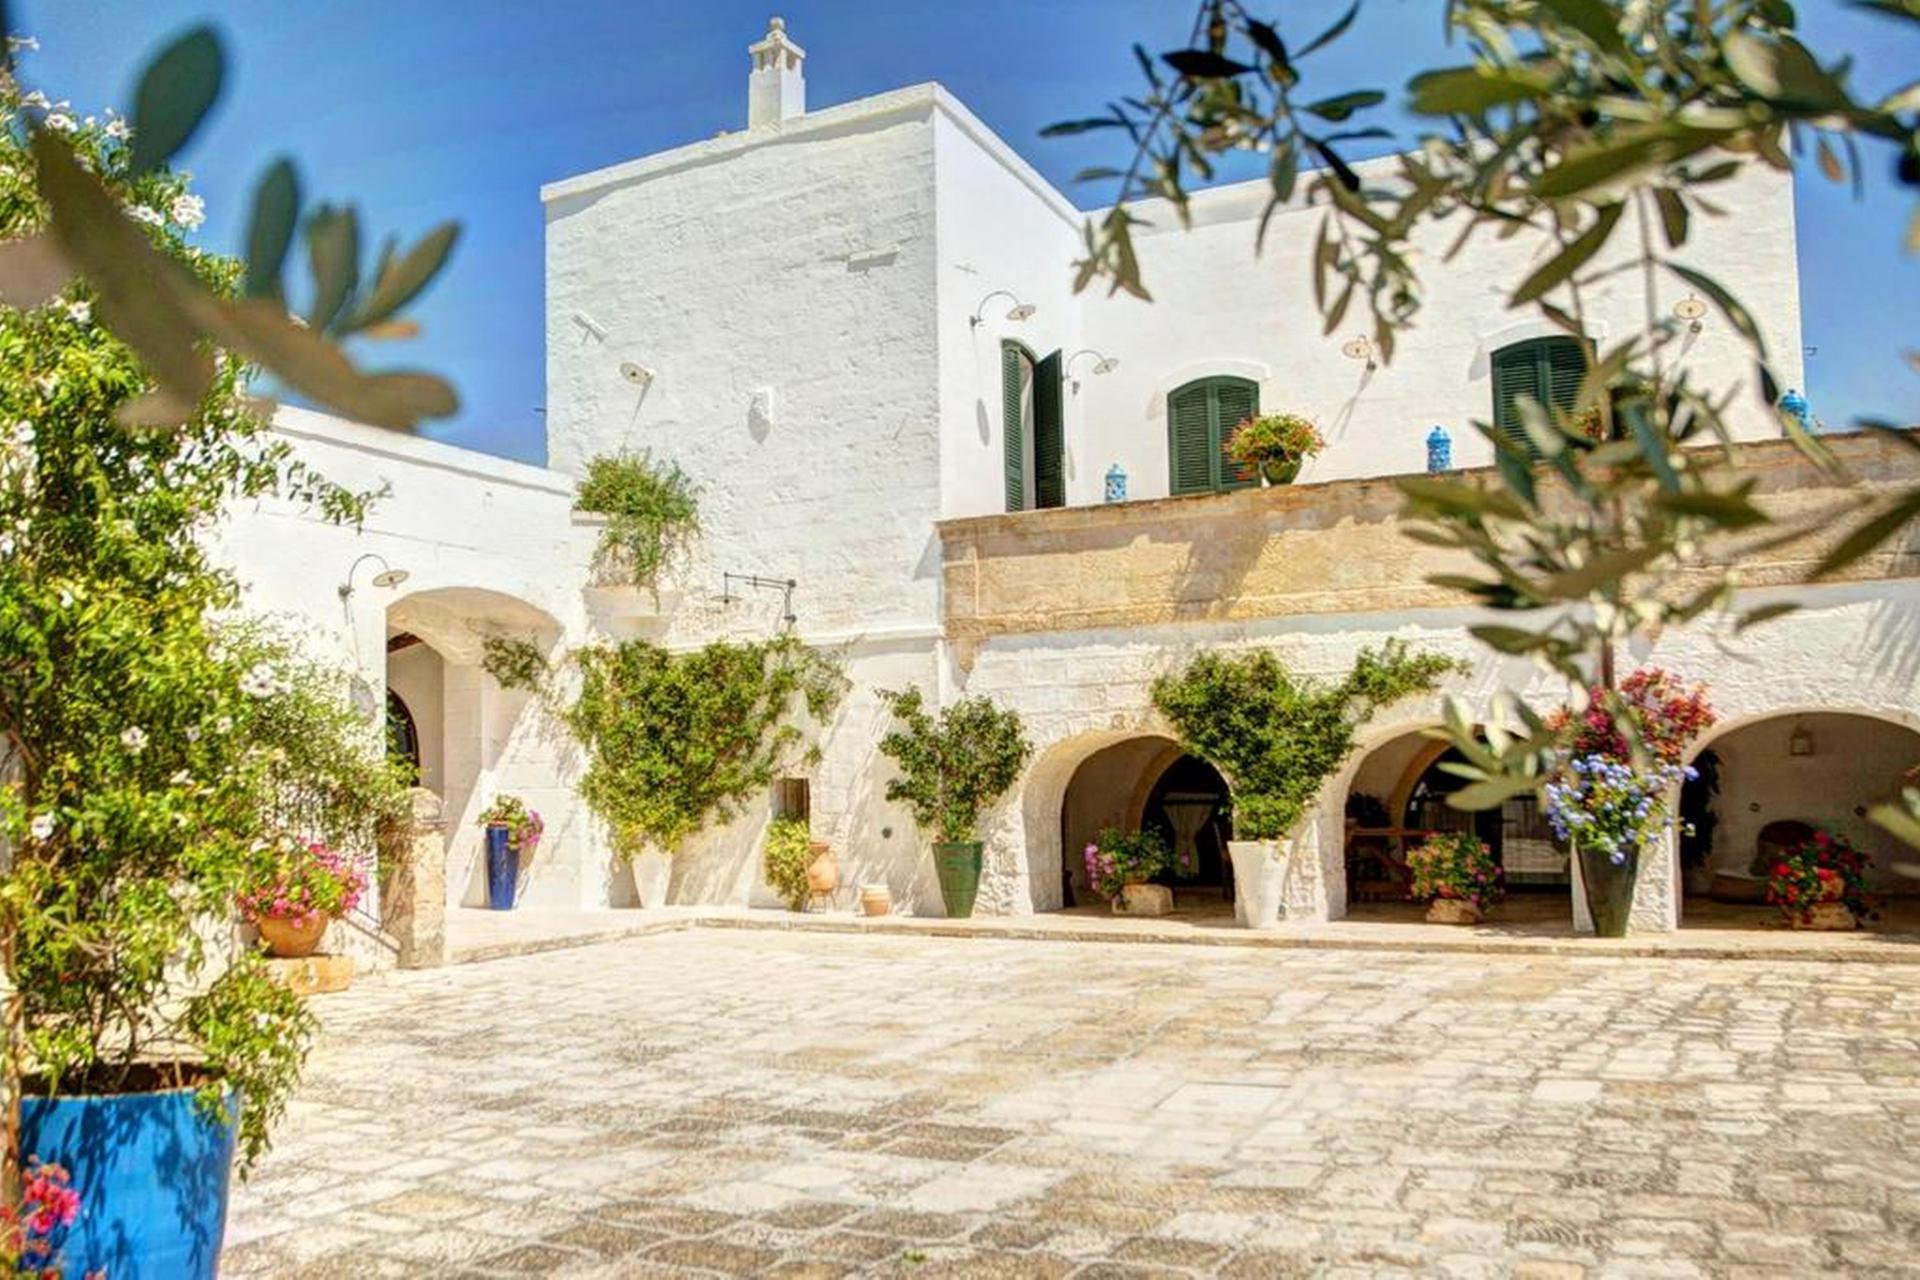 Agriturismo Puglia Karakteristieke agriturismo met fantastisch zwembad in Puglia